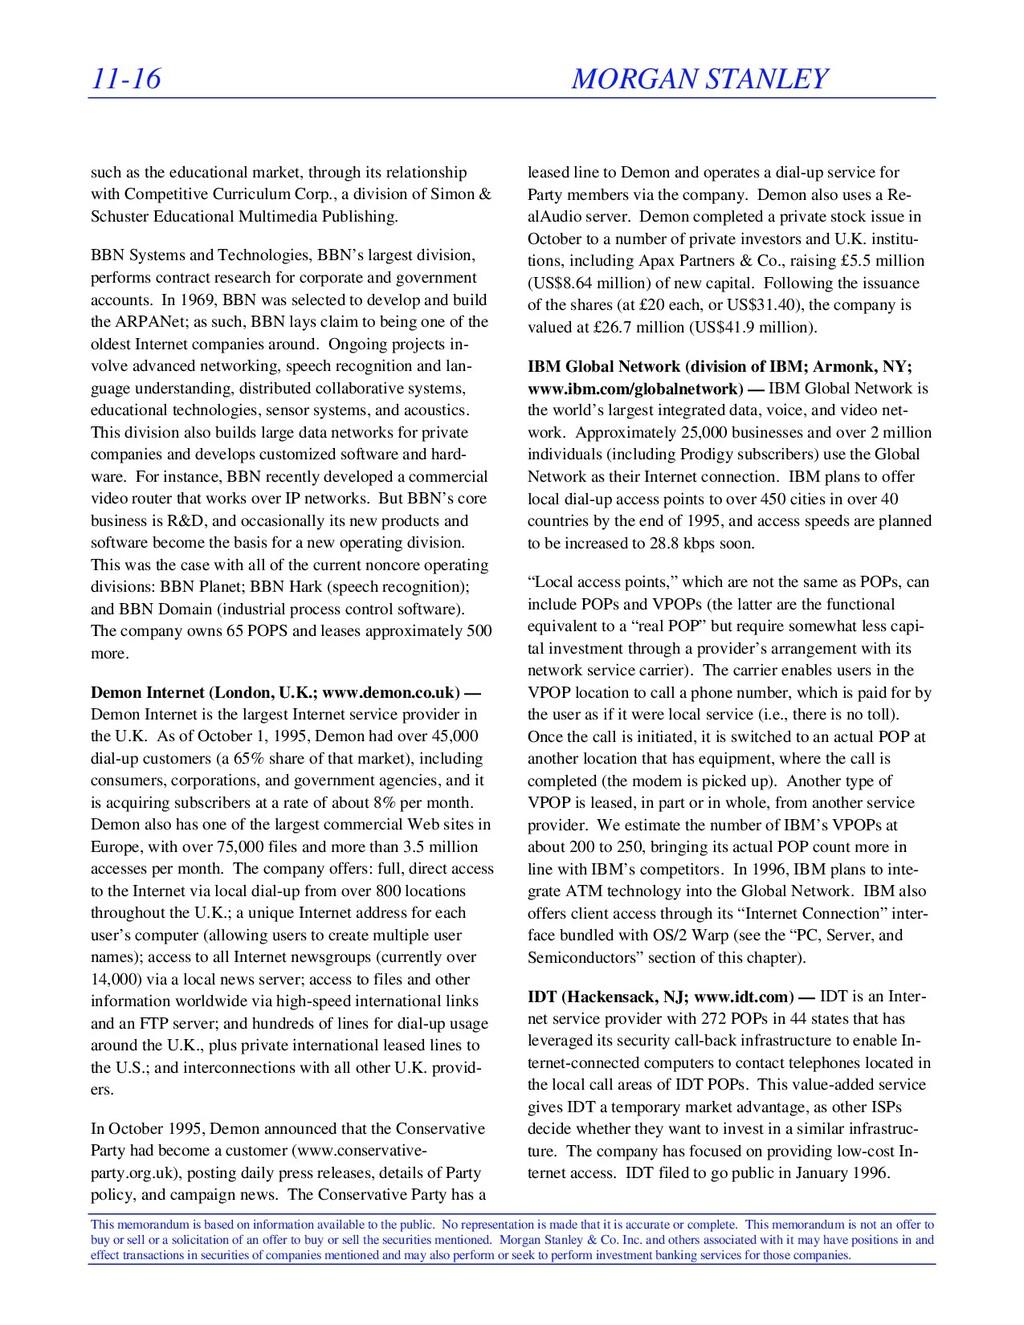 11-16 MORGAN STANLEY This memorandum is based o...